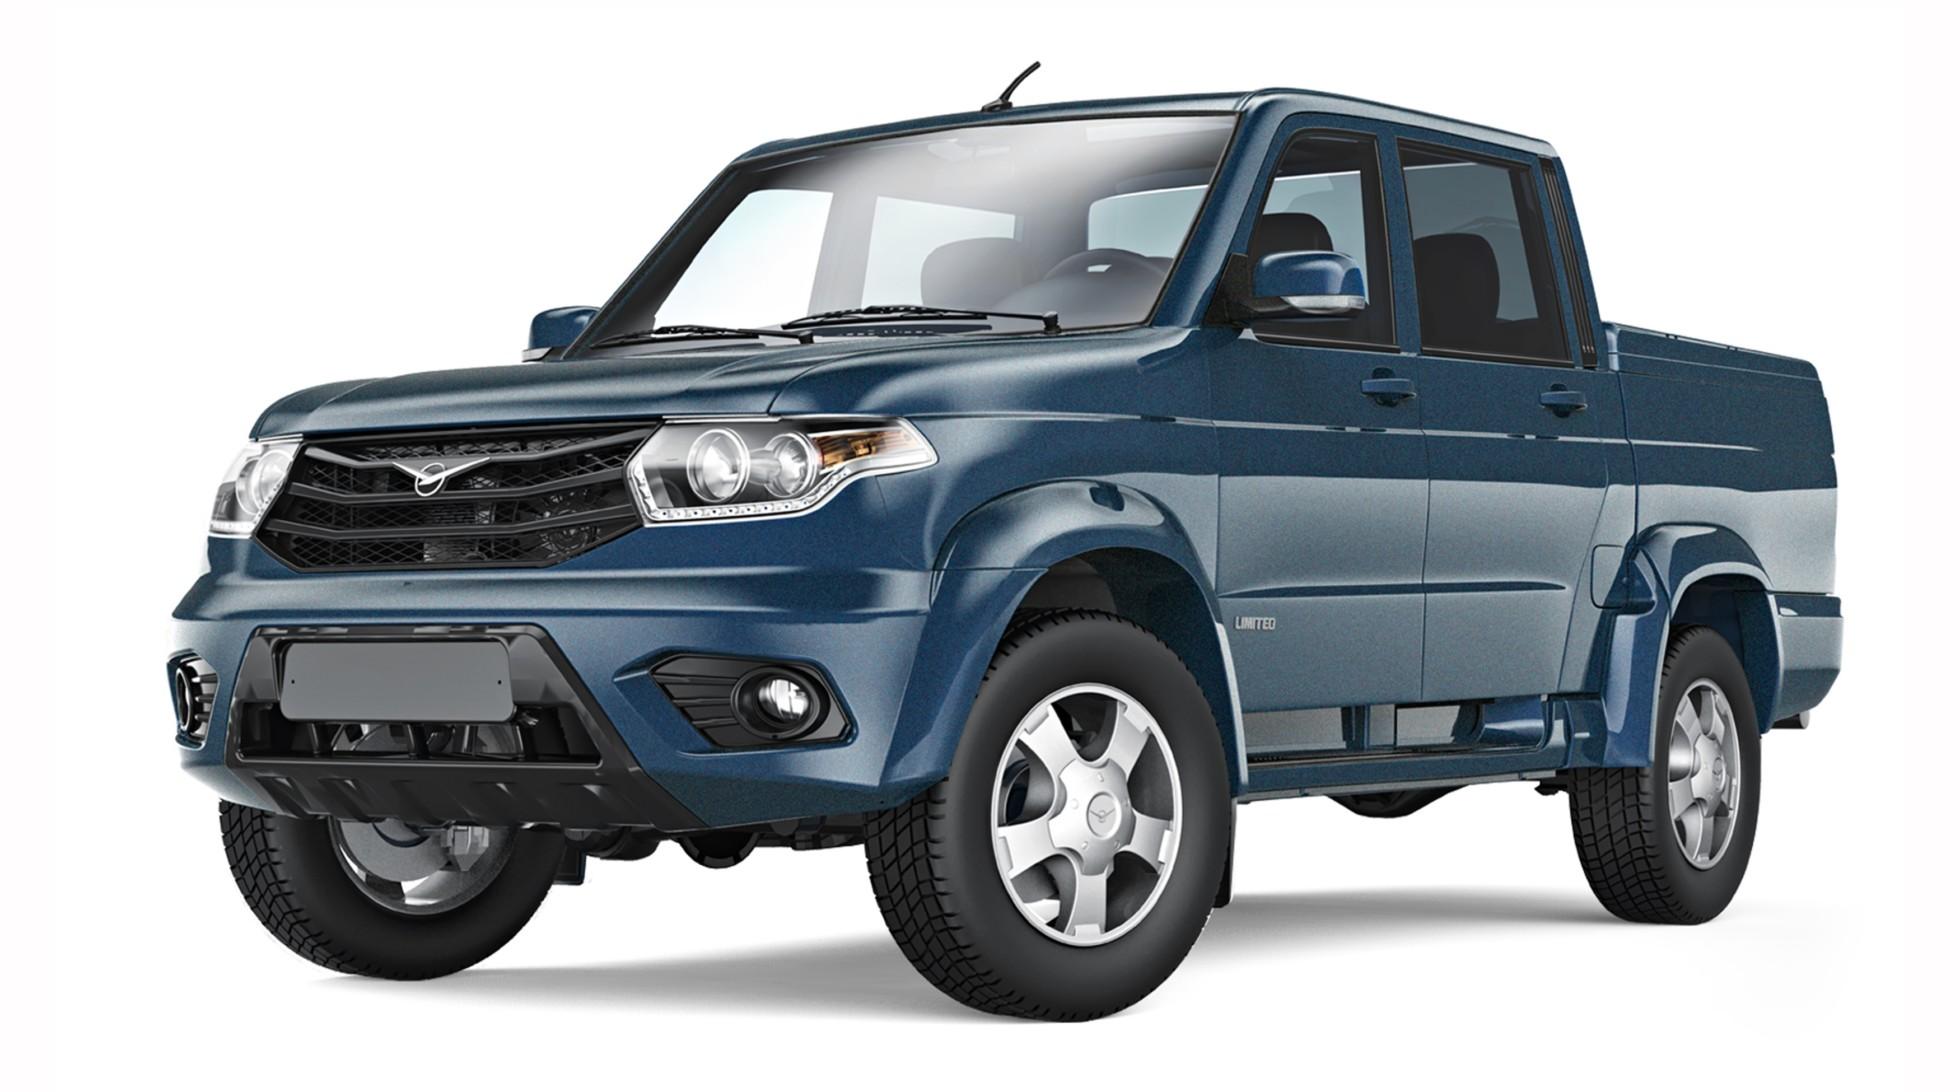 УАЗ Pickup держит лидерство на рынке автомобилей пикапов